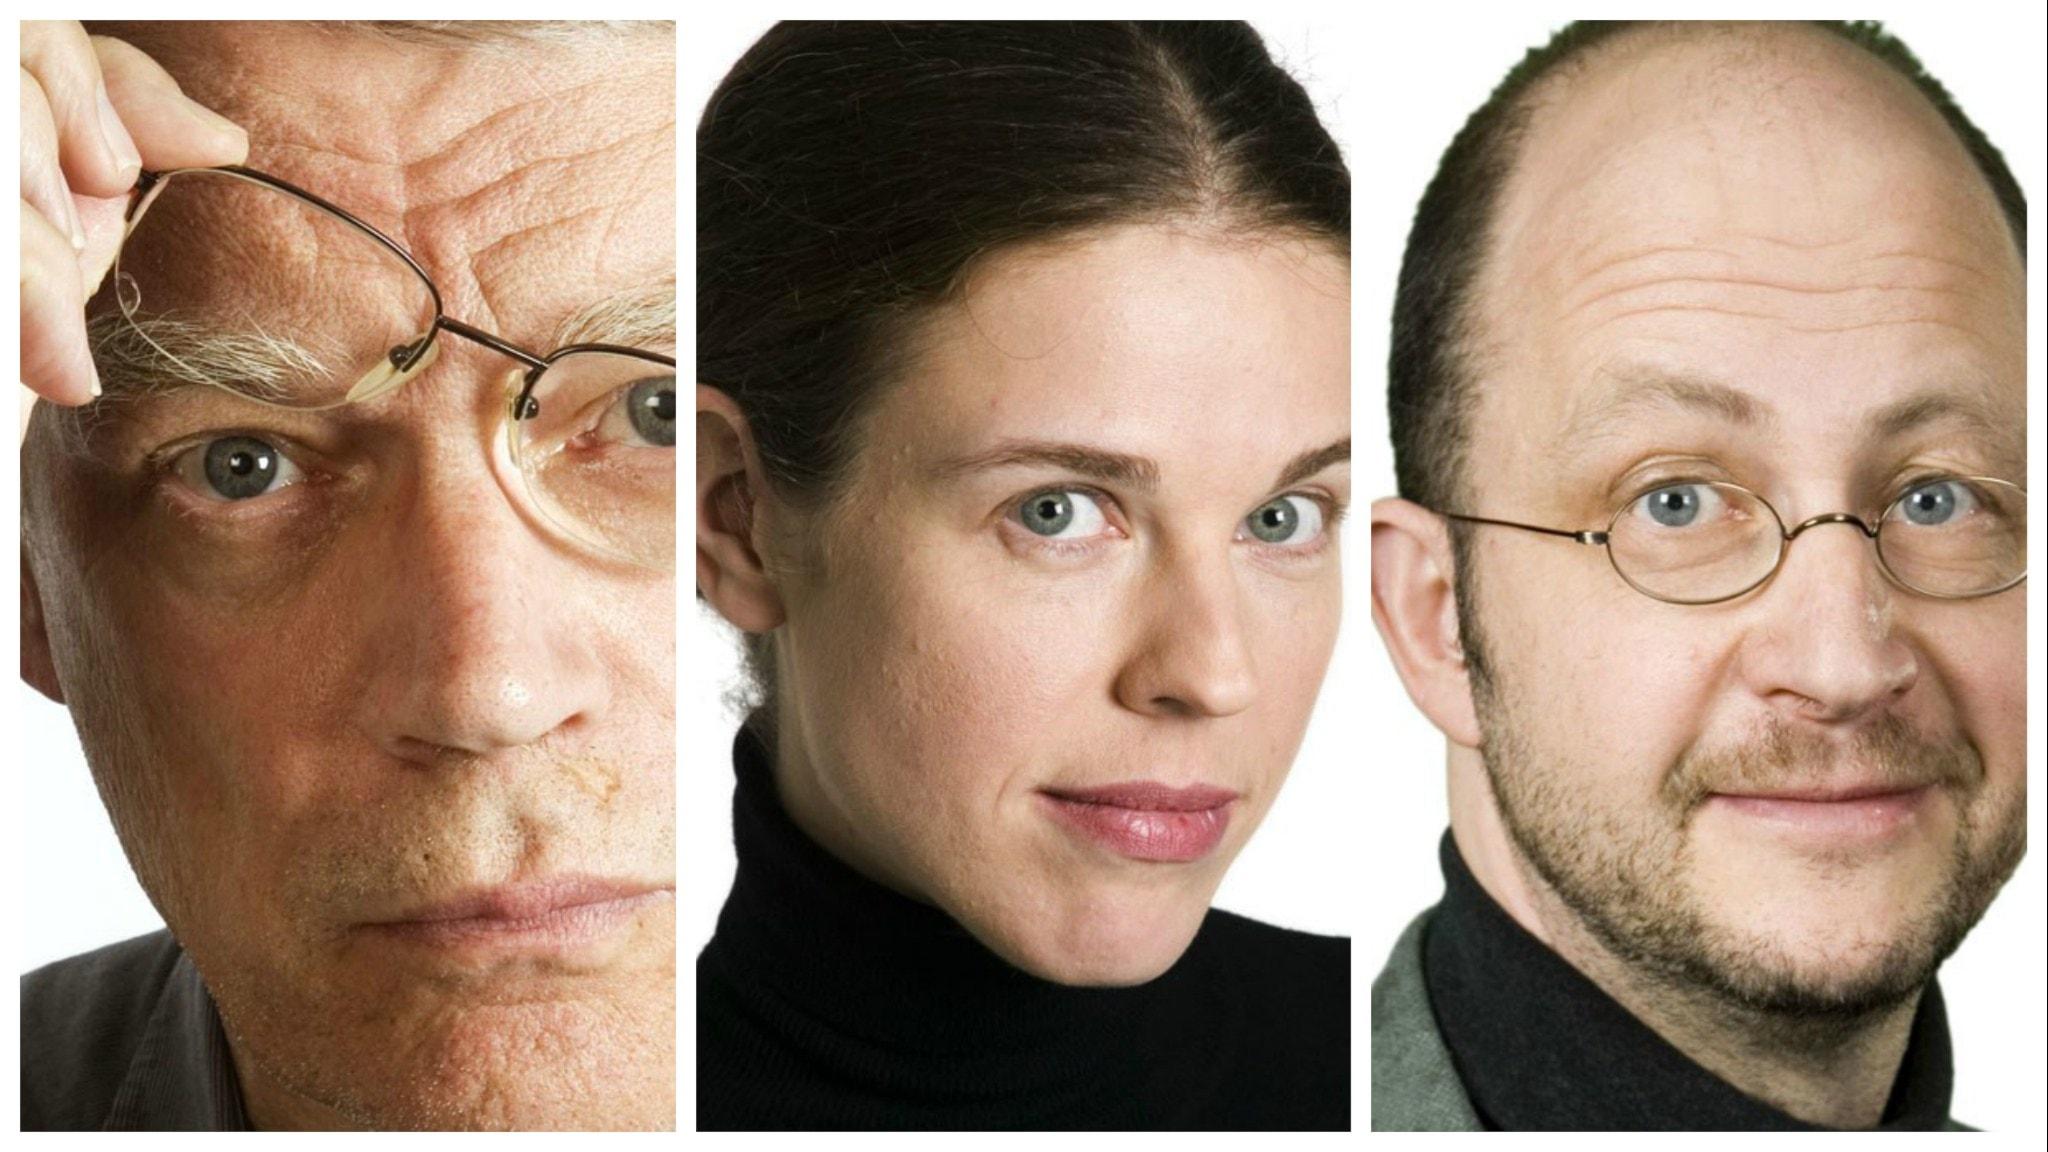 Veckans spanarpanel består den här gången av: Jonas Hallberg, Jessika Gedin och Per Naroskin. På bilden som är ett kollage syns samtliga tre i närbild.